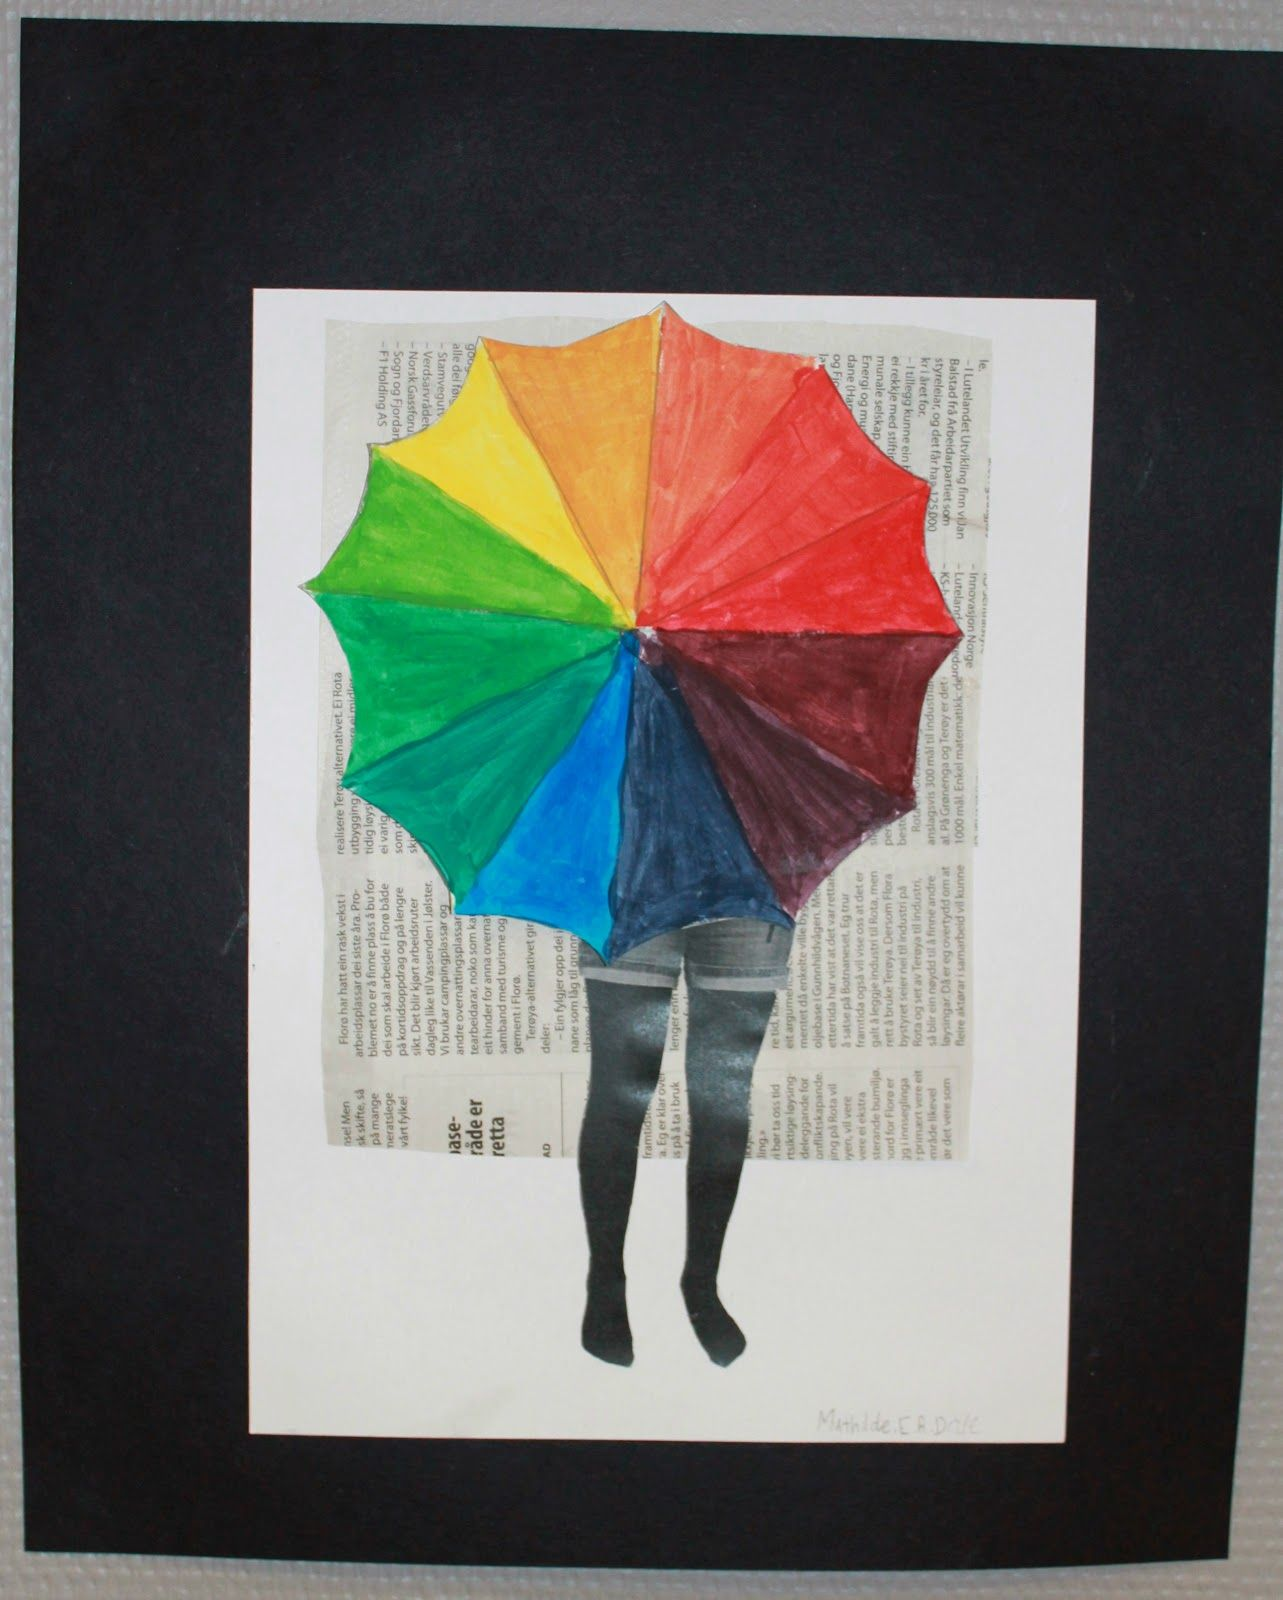 I 5. og 6. klasse har vi arbeidd med fargesirkelen  og sett det saman til ein artig collage.  Ideen har eg tatt frå den flotte bloggen Art...